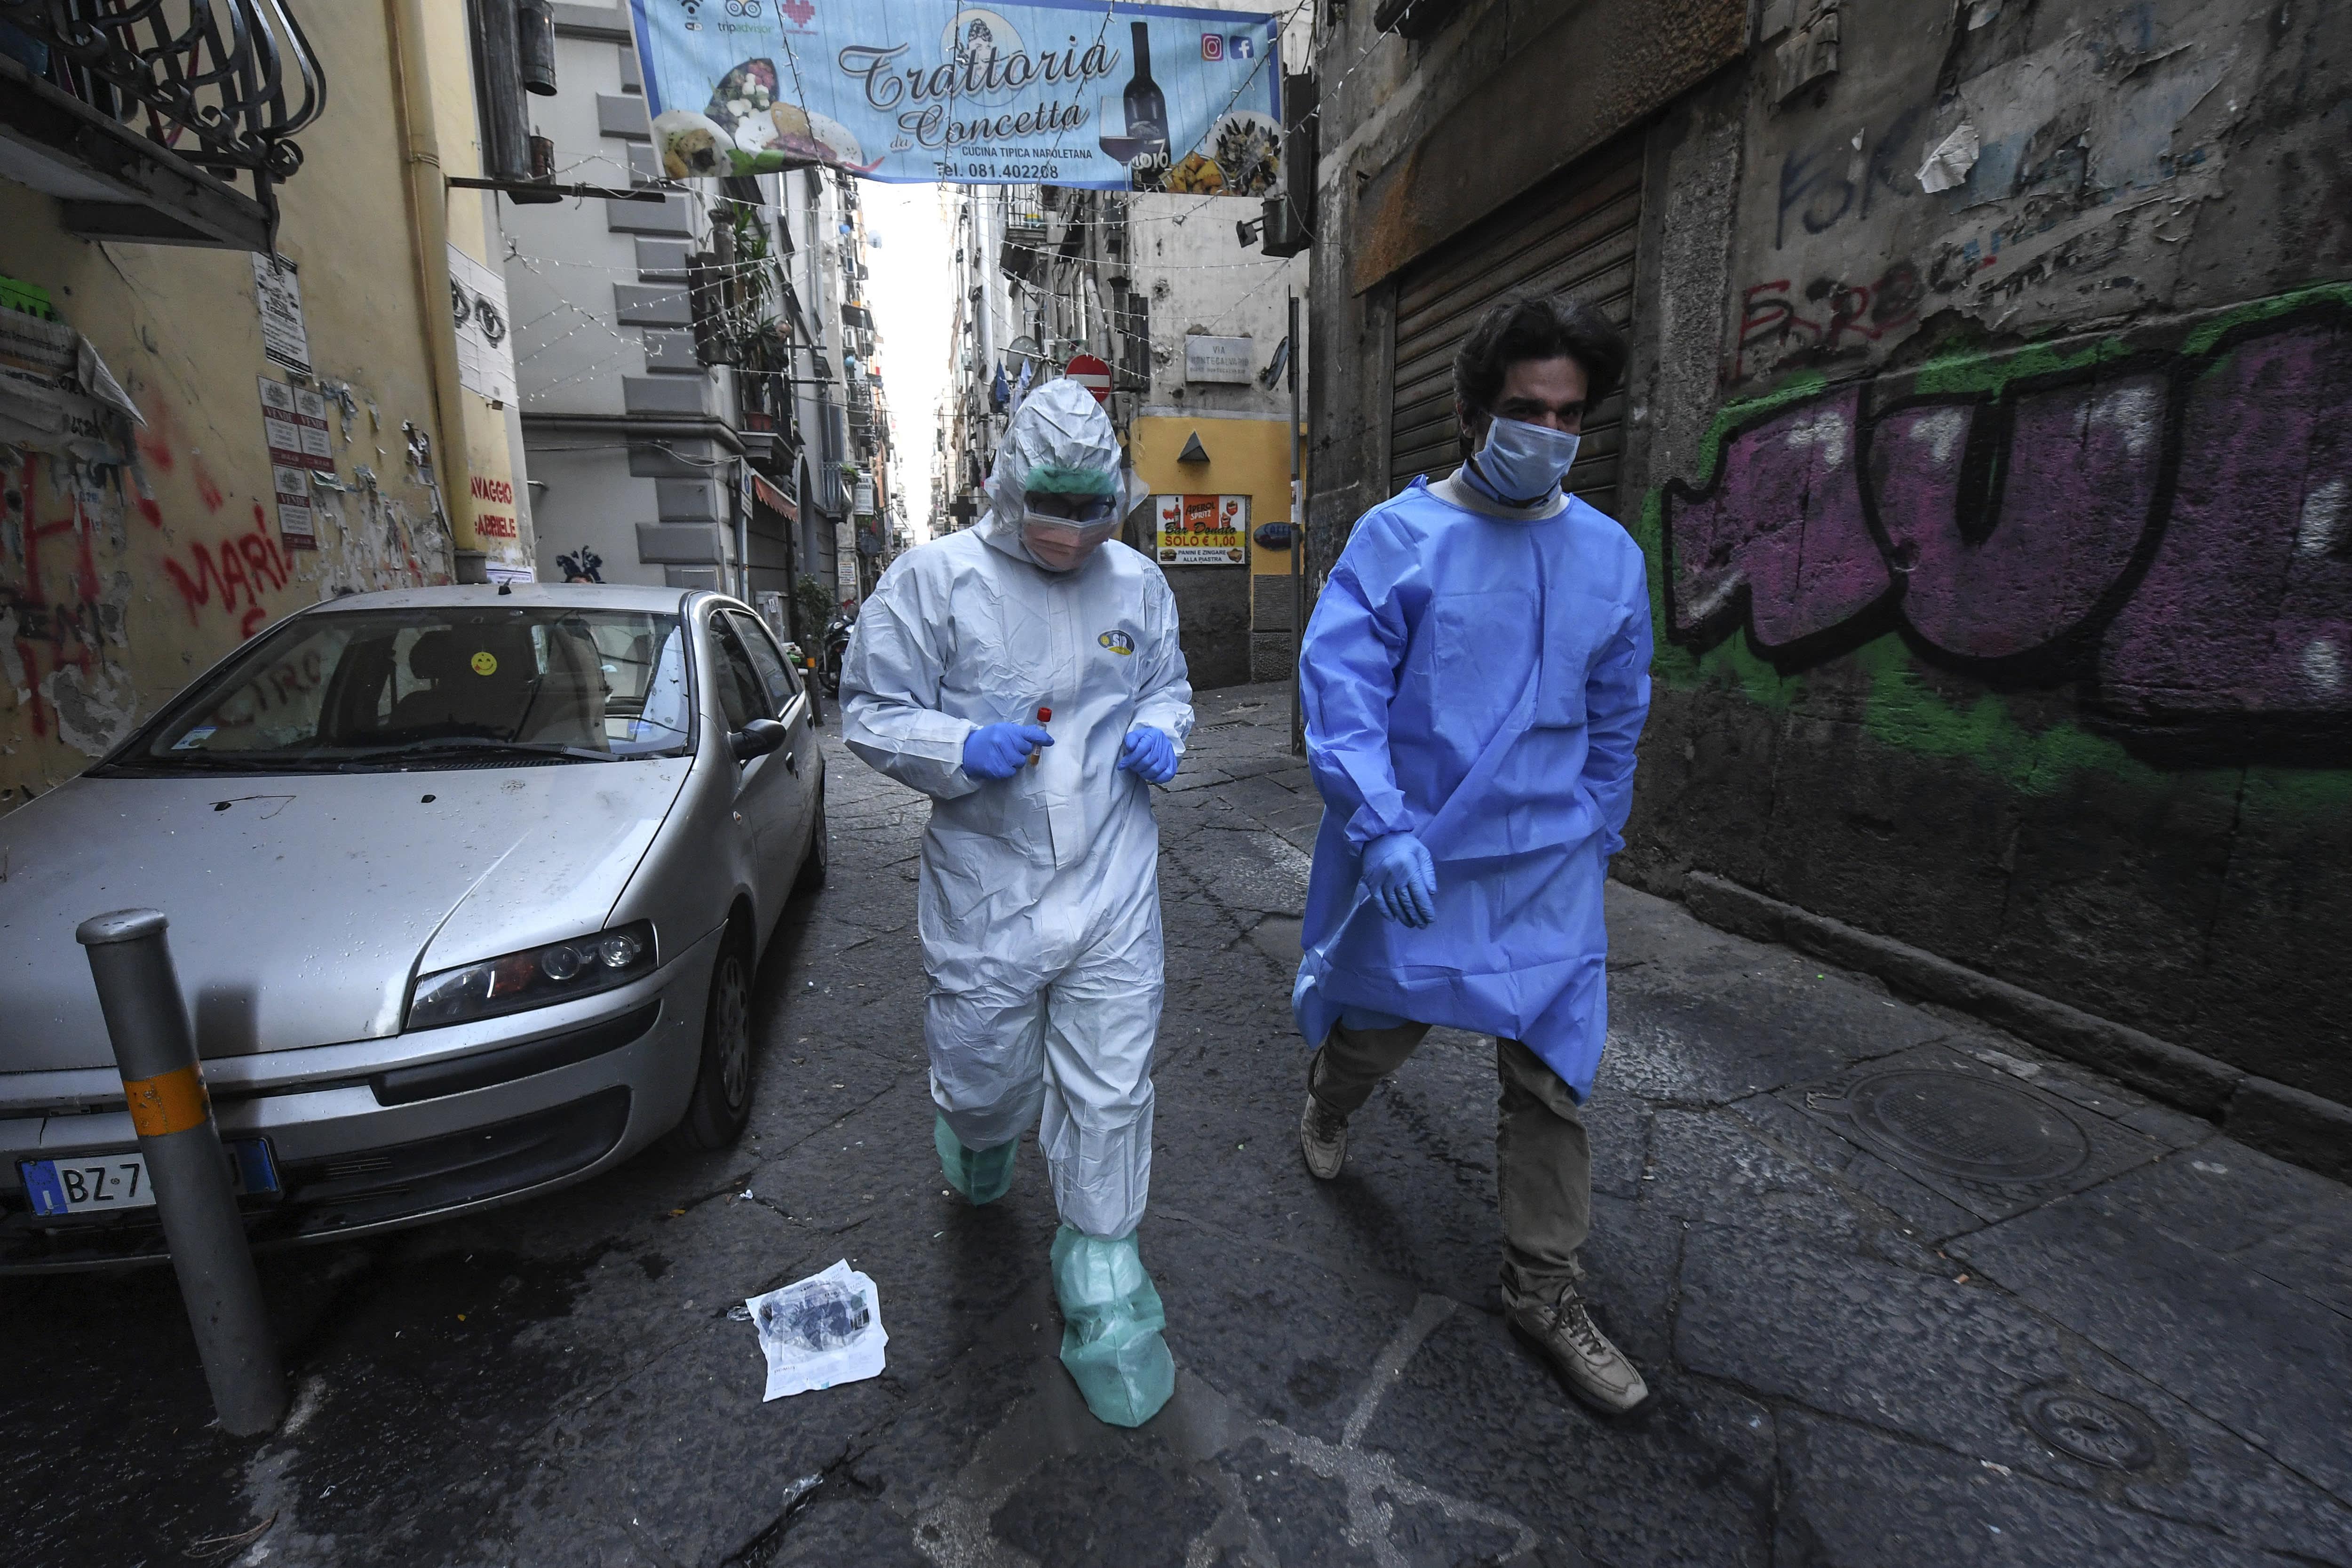 Southern Italians brace themselves for coronavirus outbreak